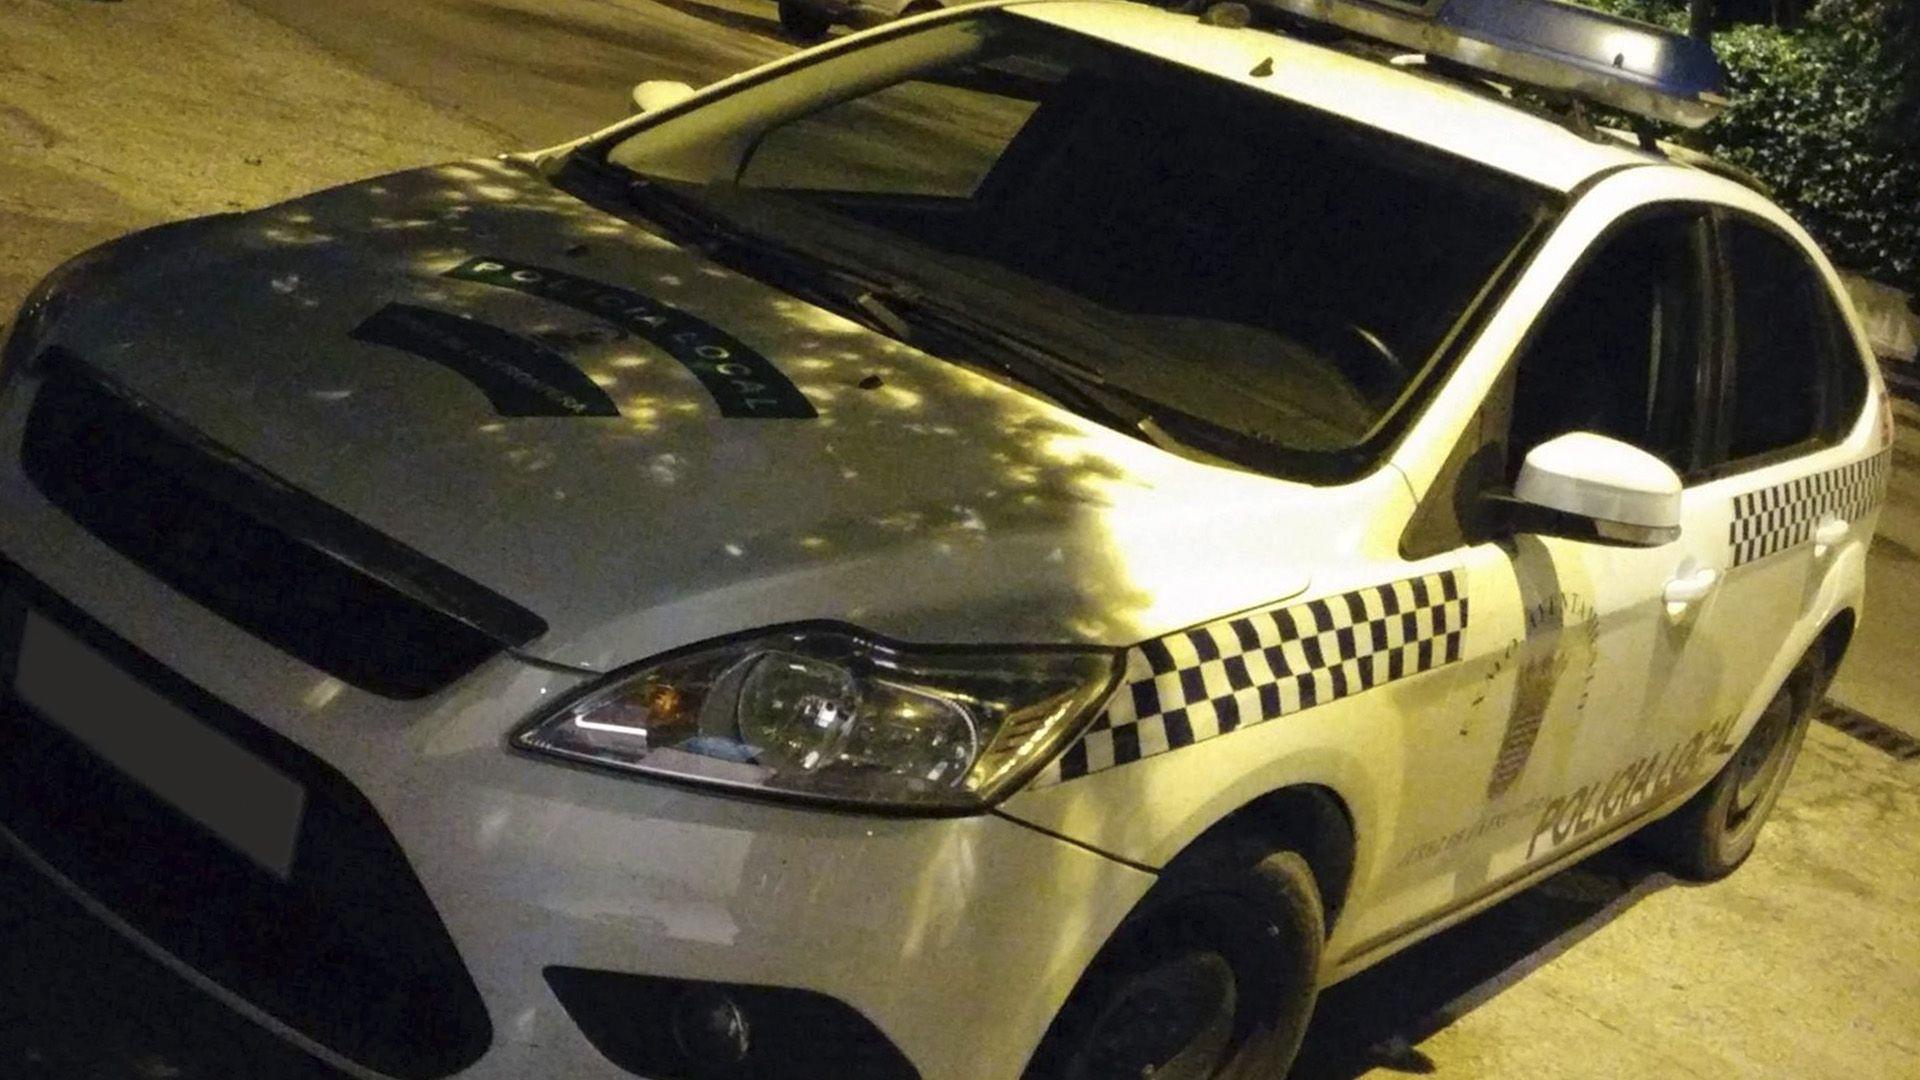 policia local coche radiopatrulla Jerez